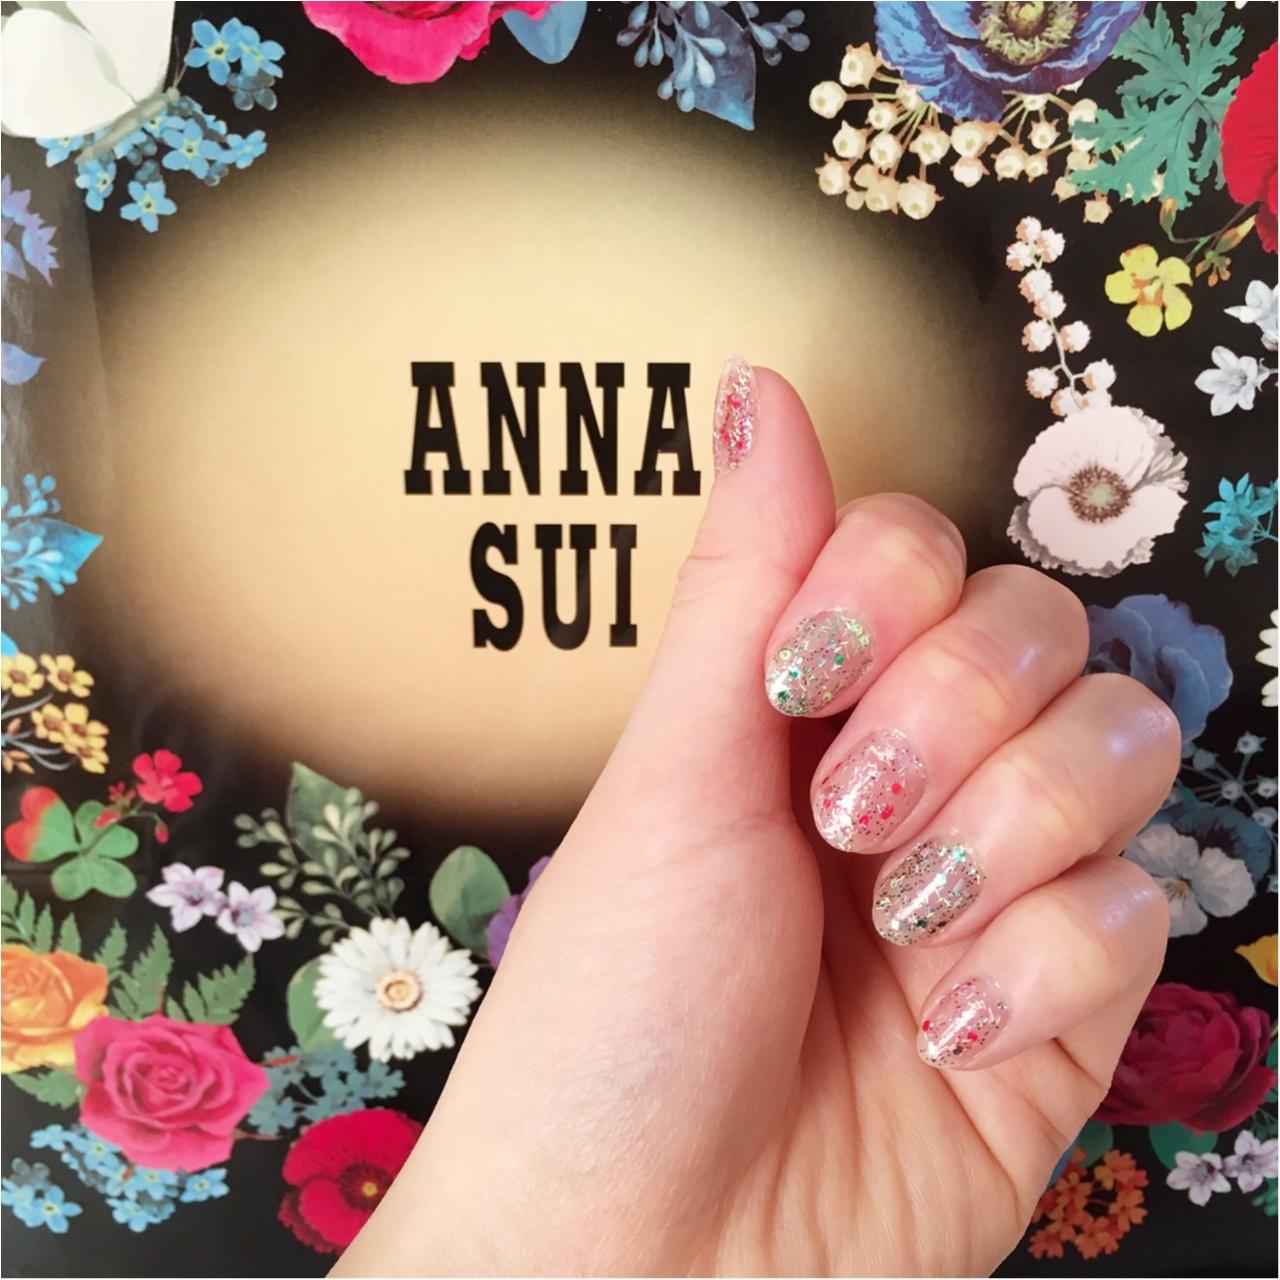 【期間限定】《ANNA SUI》からhappyな《ネイルキット》が登場中♡_3